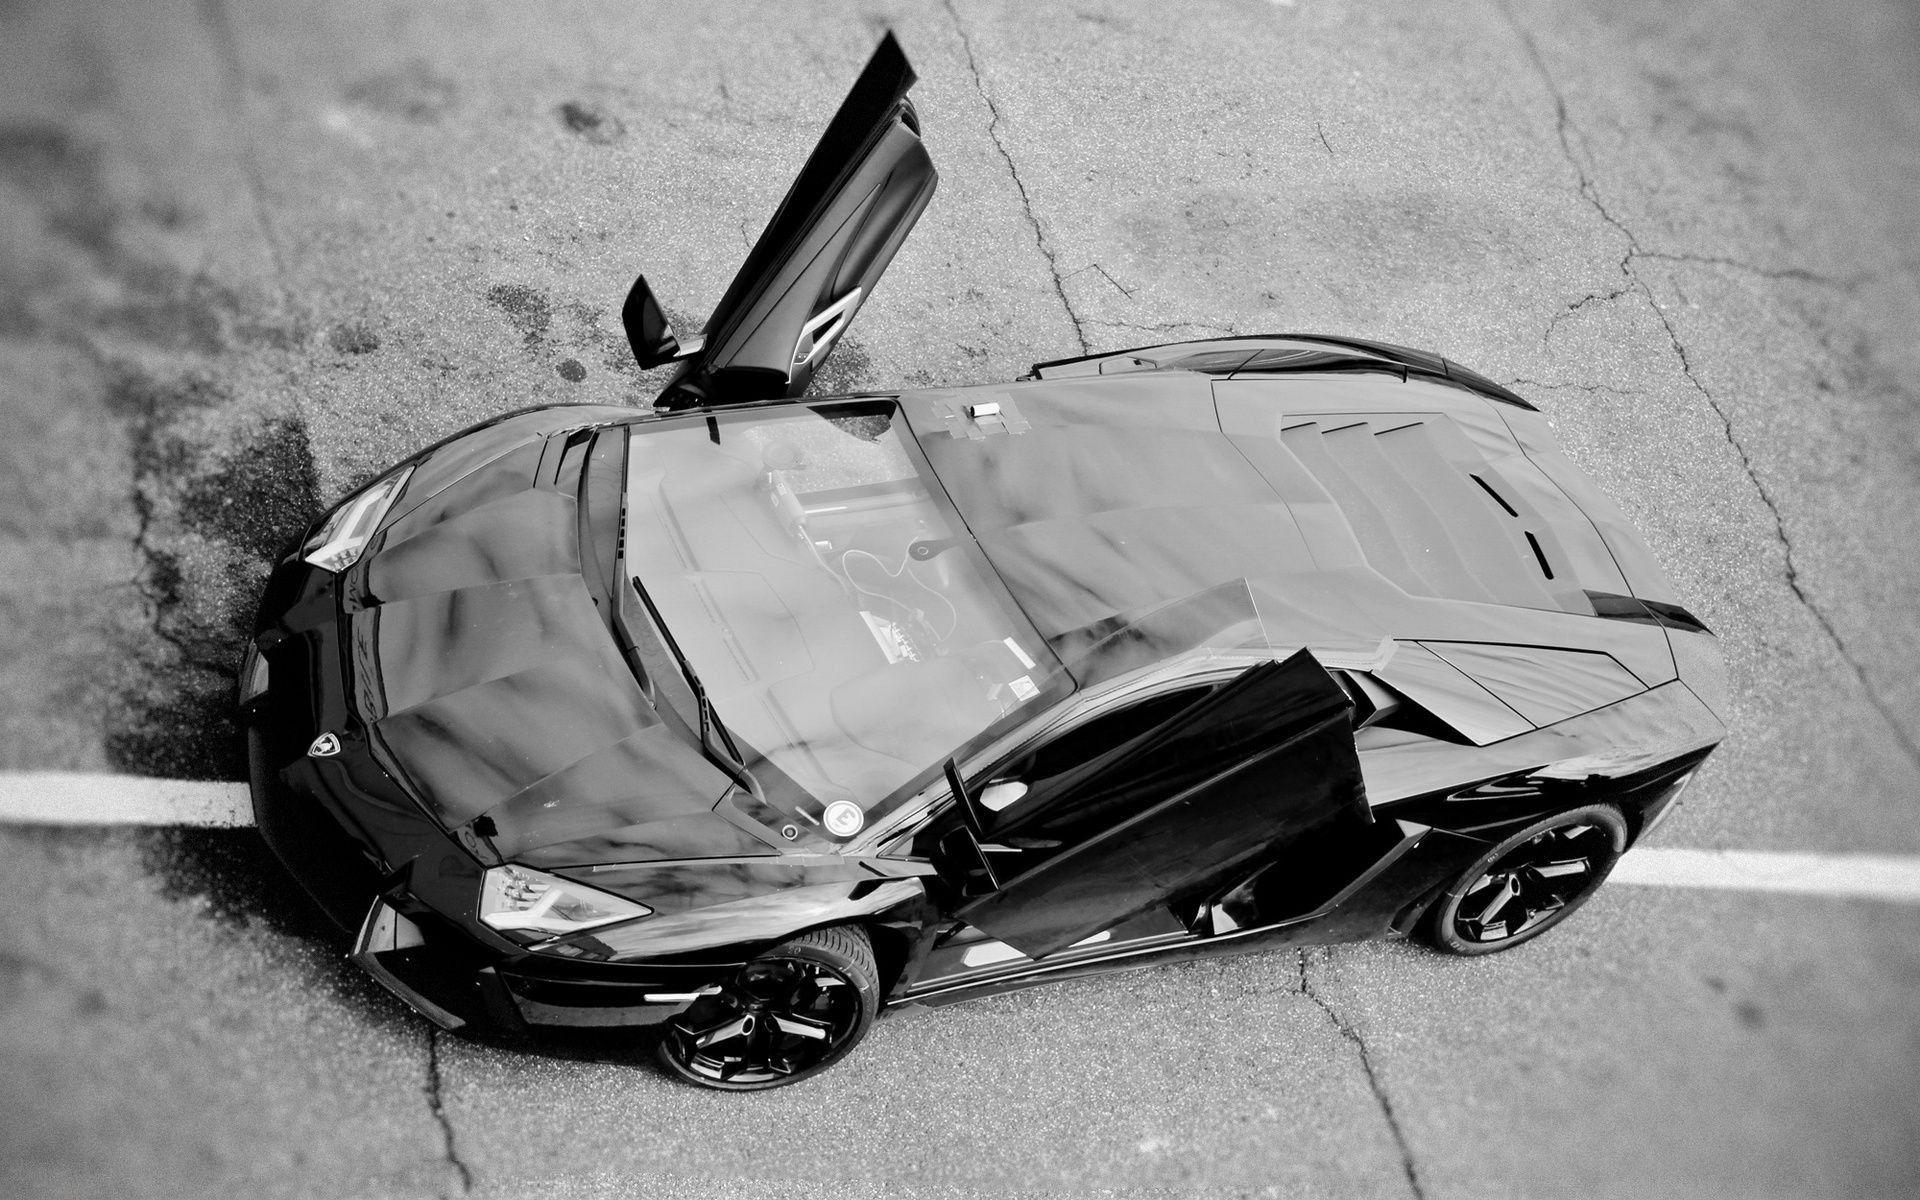 Lamborghini pictures 2012 aventador lp700 4 rabbioso - Cars